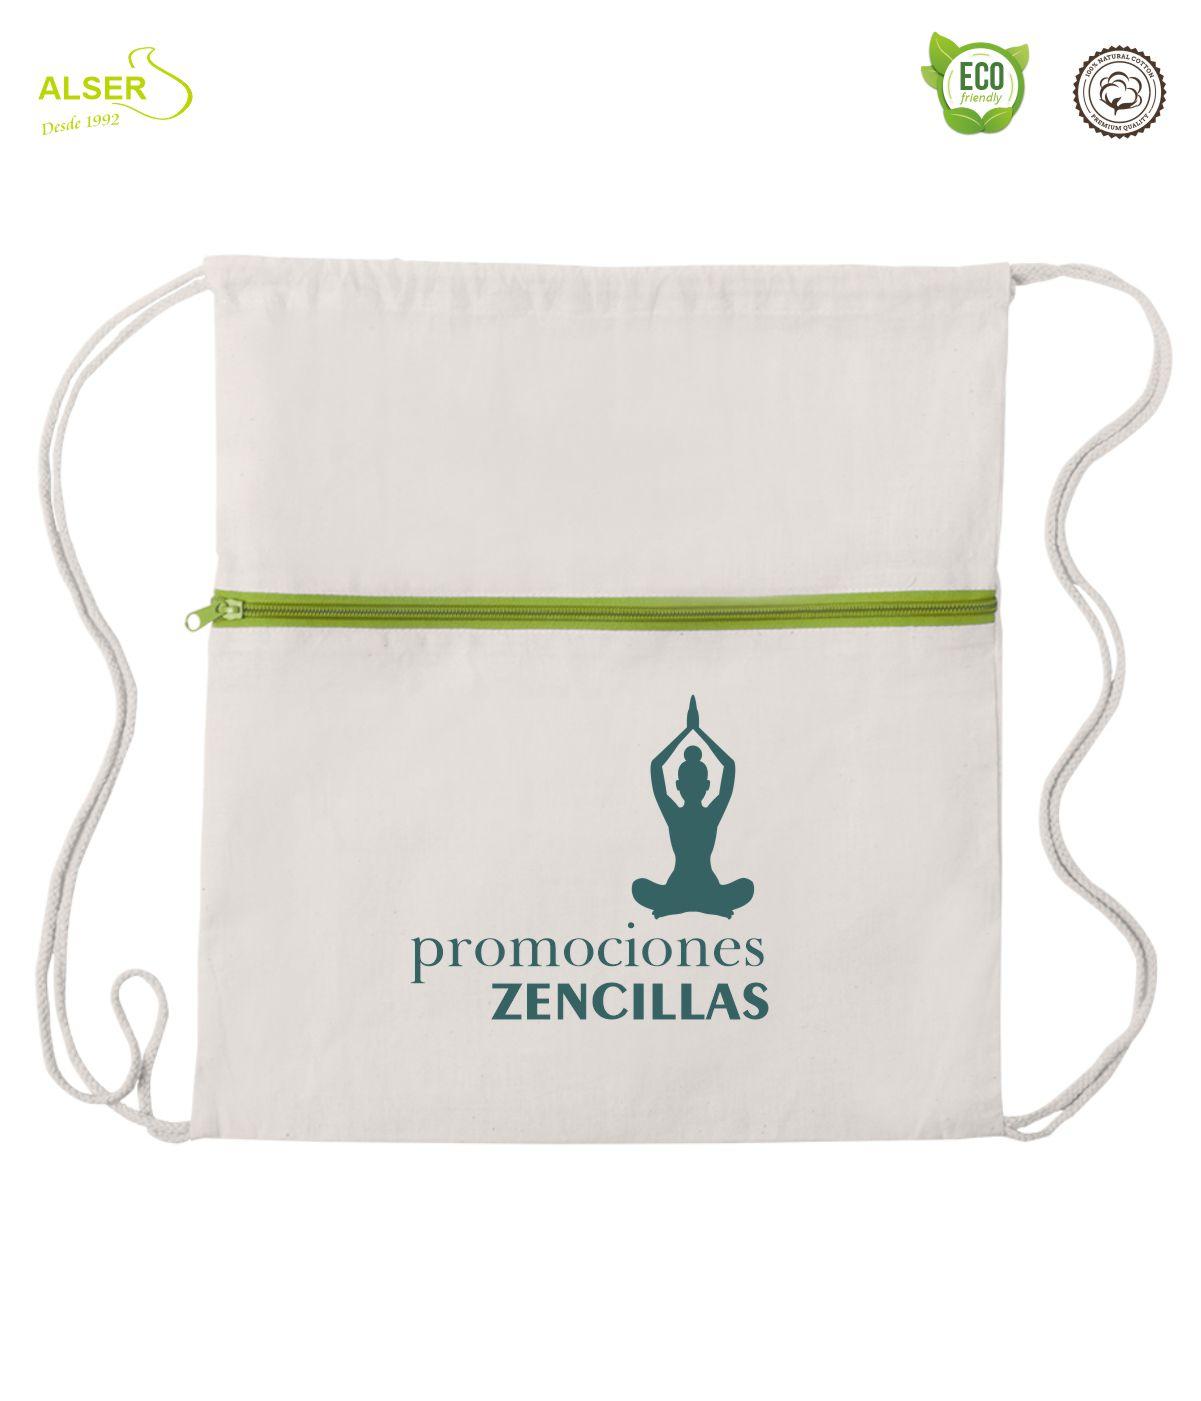 mochila de cuerdas con cremallera verde claro